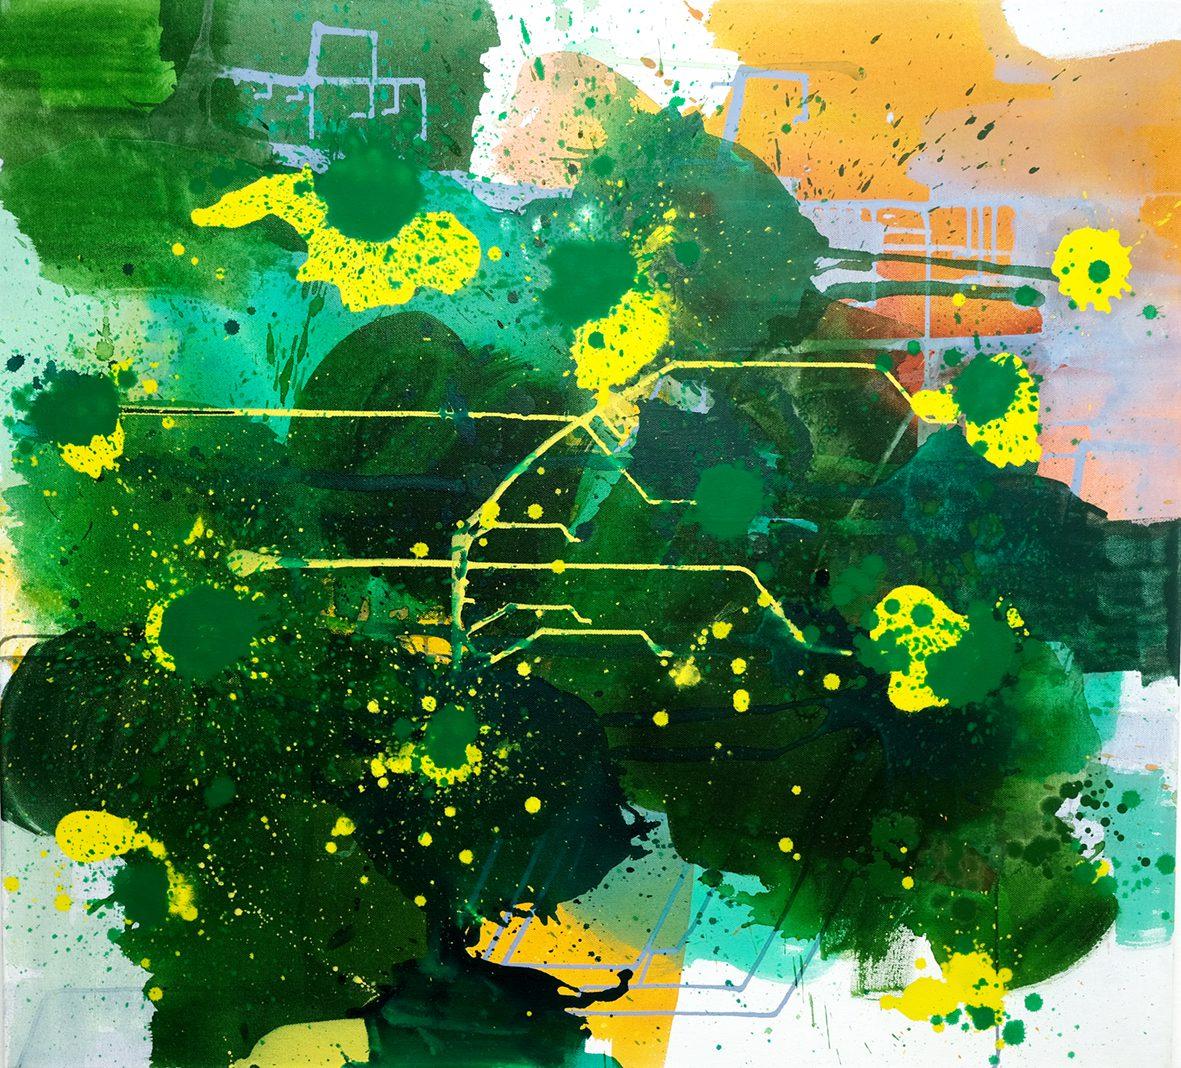 7 Laguna 1, 2016. Acrylic and oil on canvas, 100 x 110 cm.